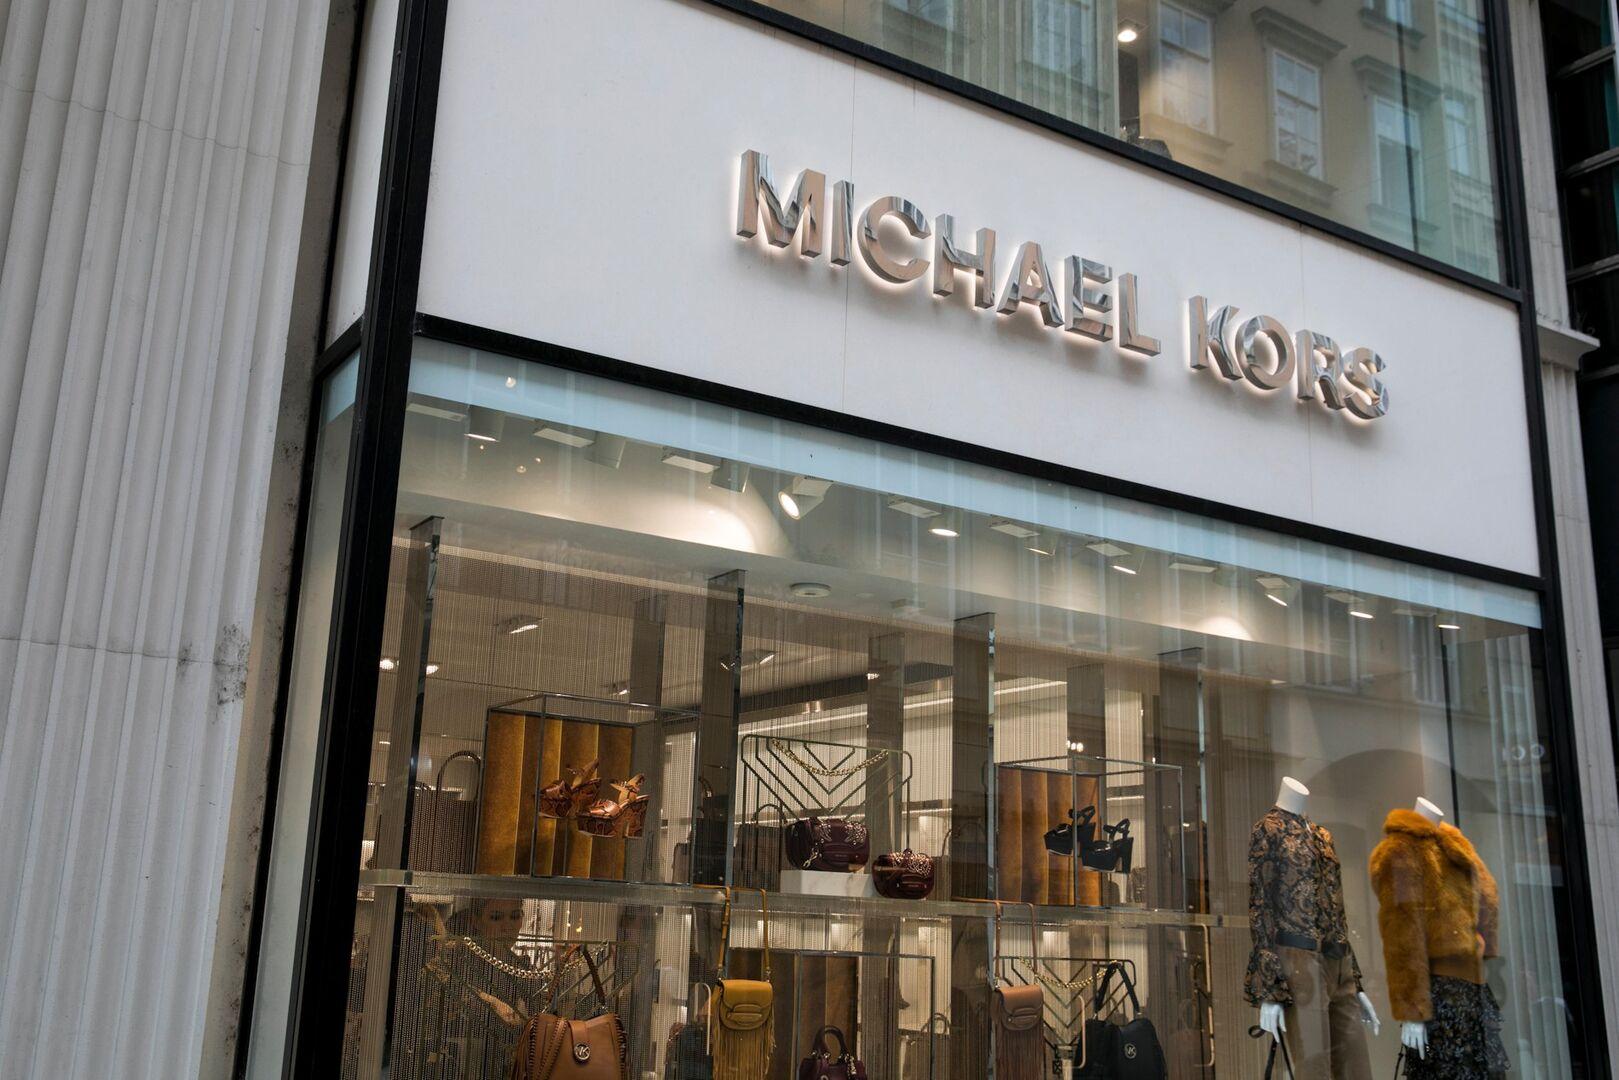 El grupo de moda estadounidense Michael Kors ha acordado adquirir la firma  italiana Gianni Versace por 2.120 millones de dólares (1.830 millones de  euros) y ... 5febf46ed9